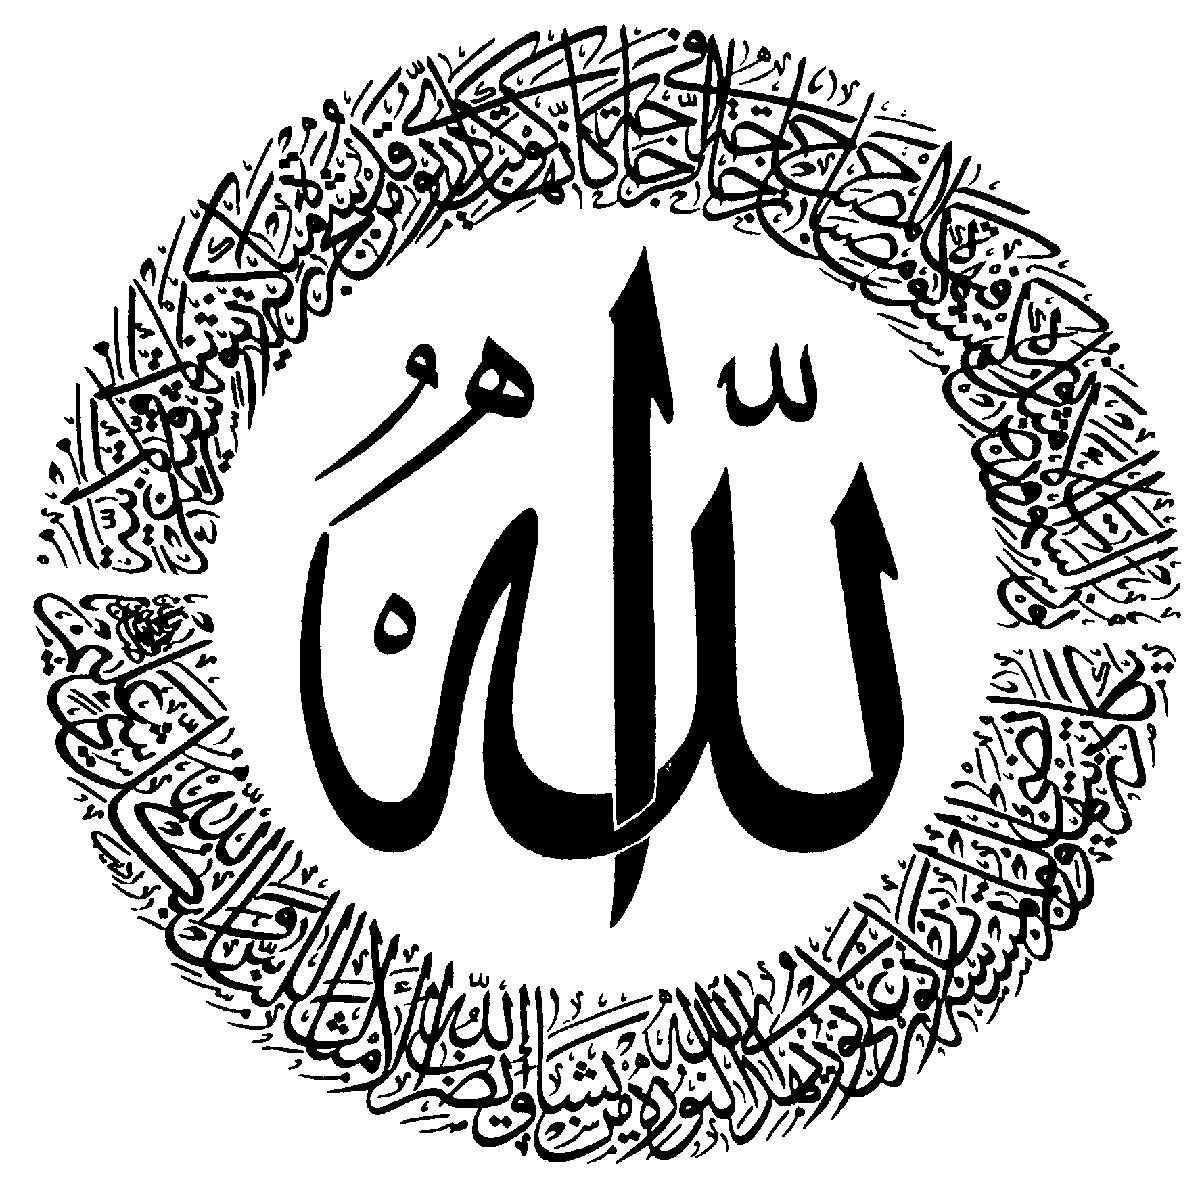 ... kaligrafi di sebagian tempat tempat dan fasilitas umum kaligrafi ini